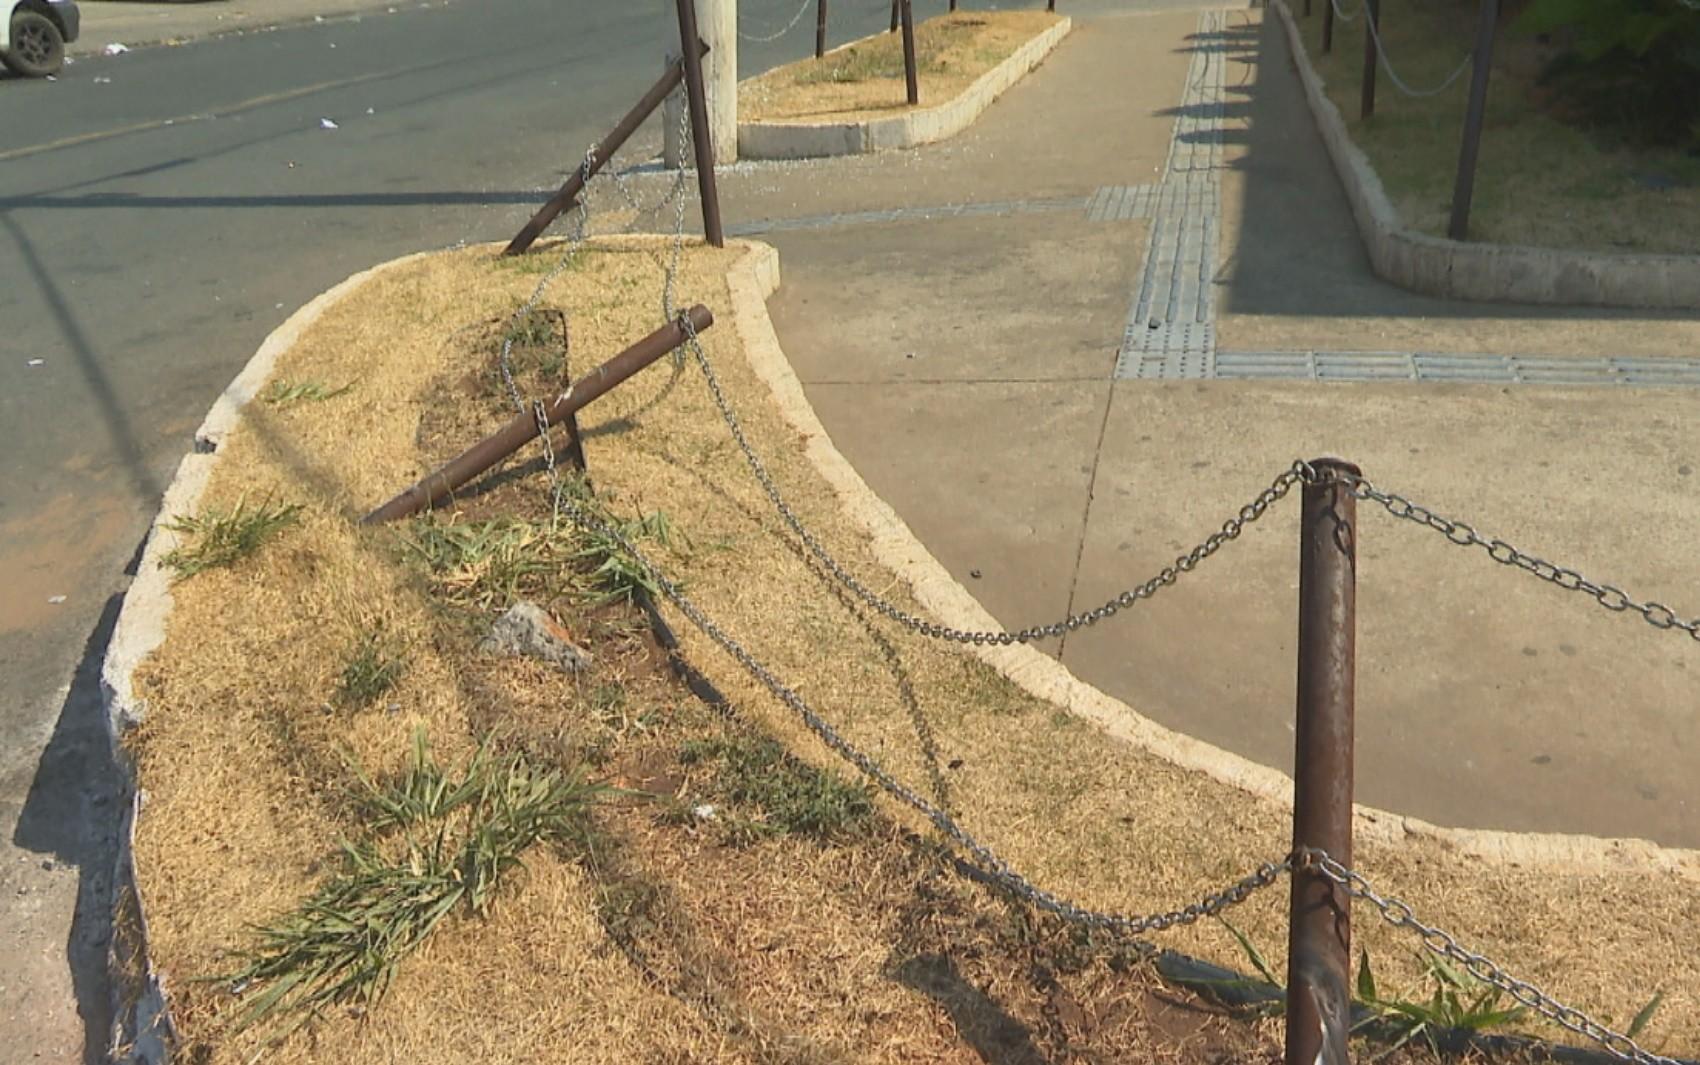 Homem suspeito de furtar ônibus é preso após bater veículo contra mureta, em Aparecida de Goiânia